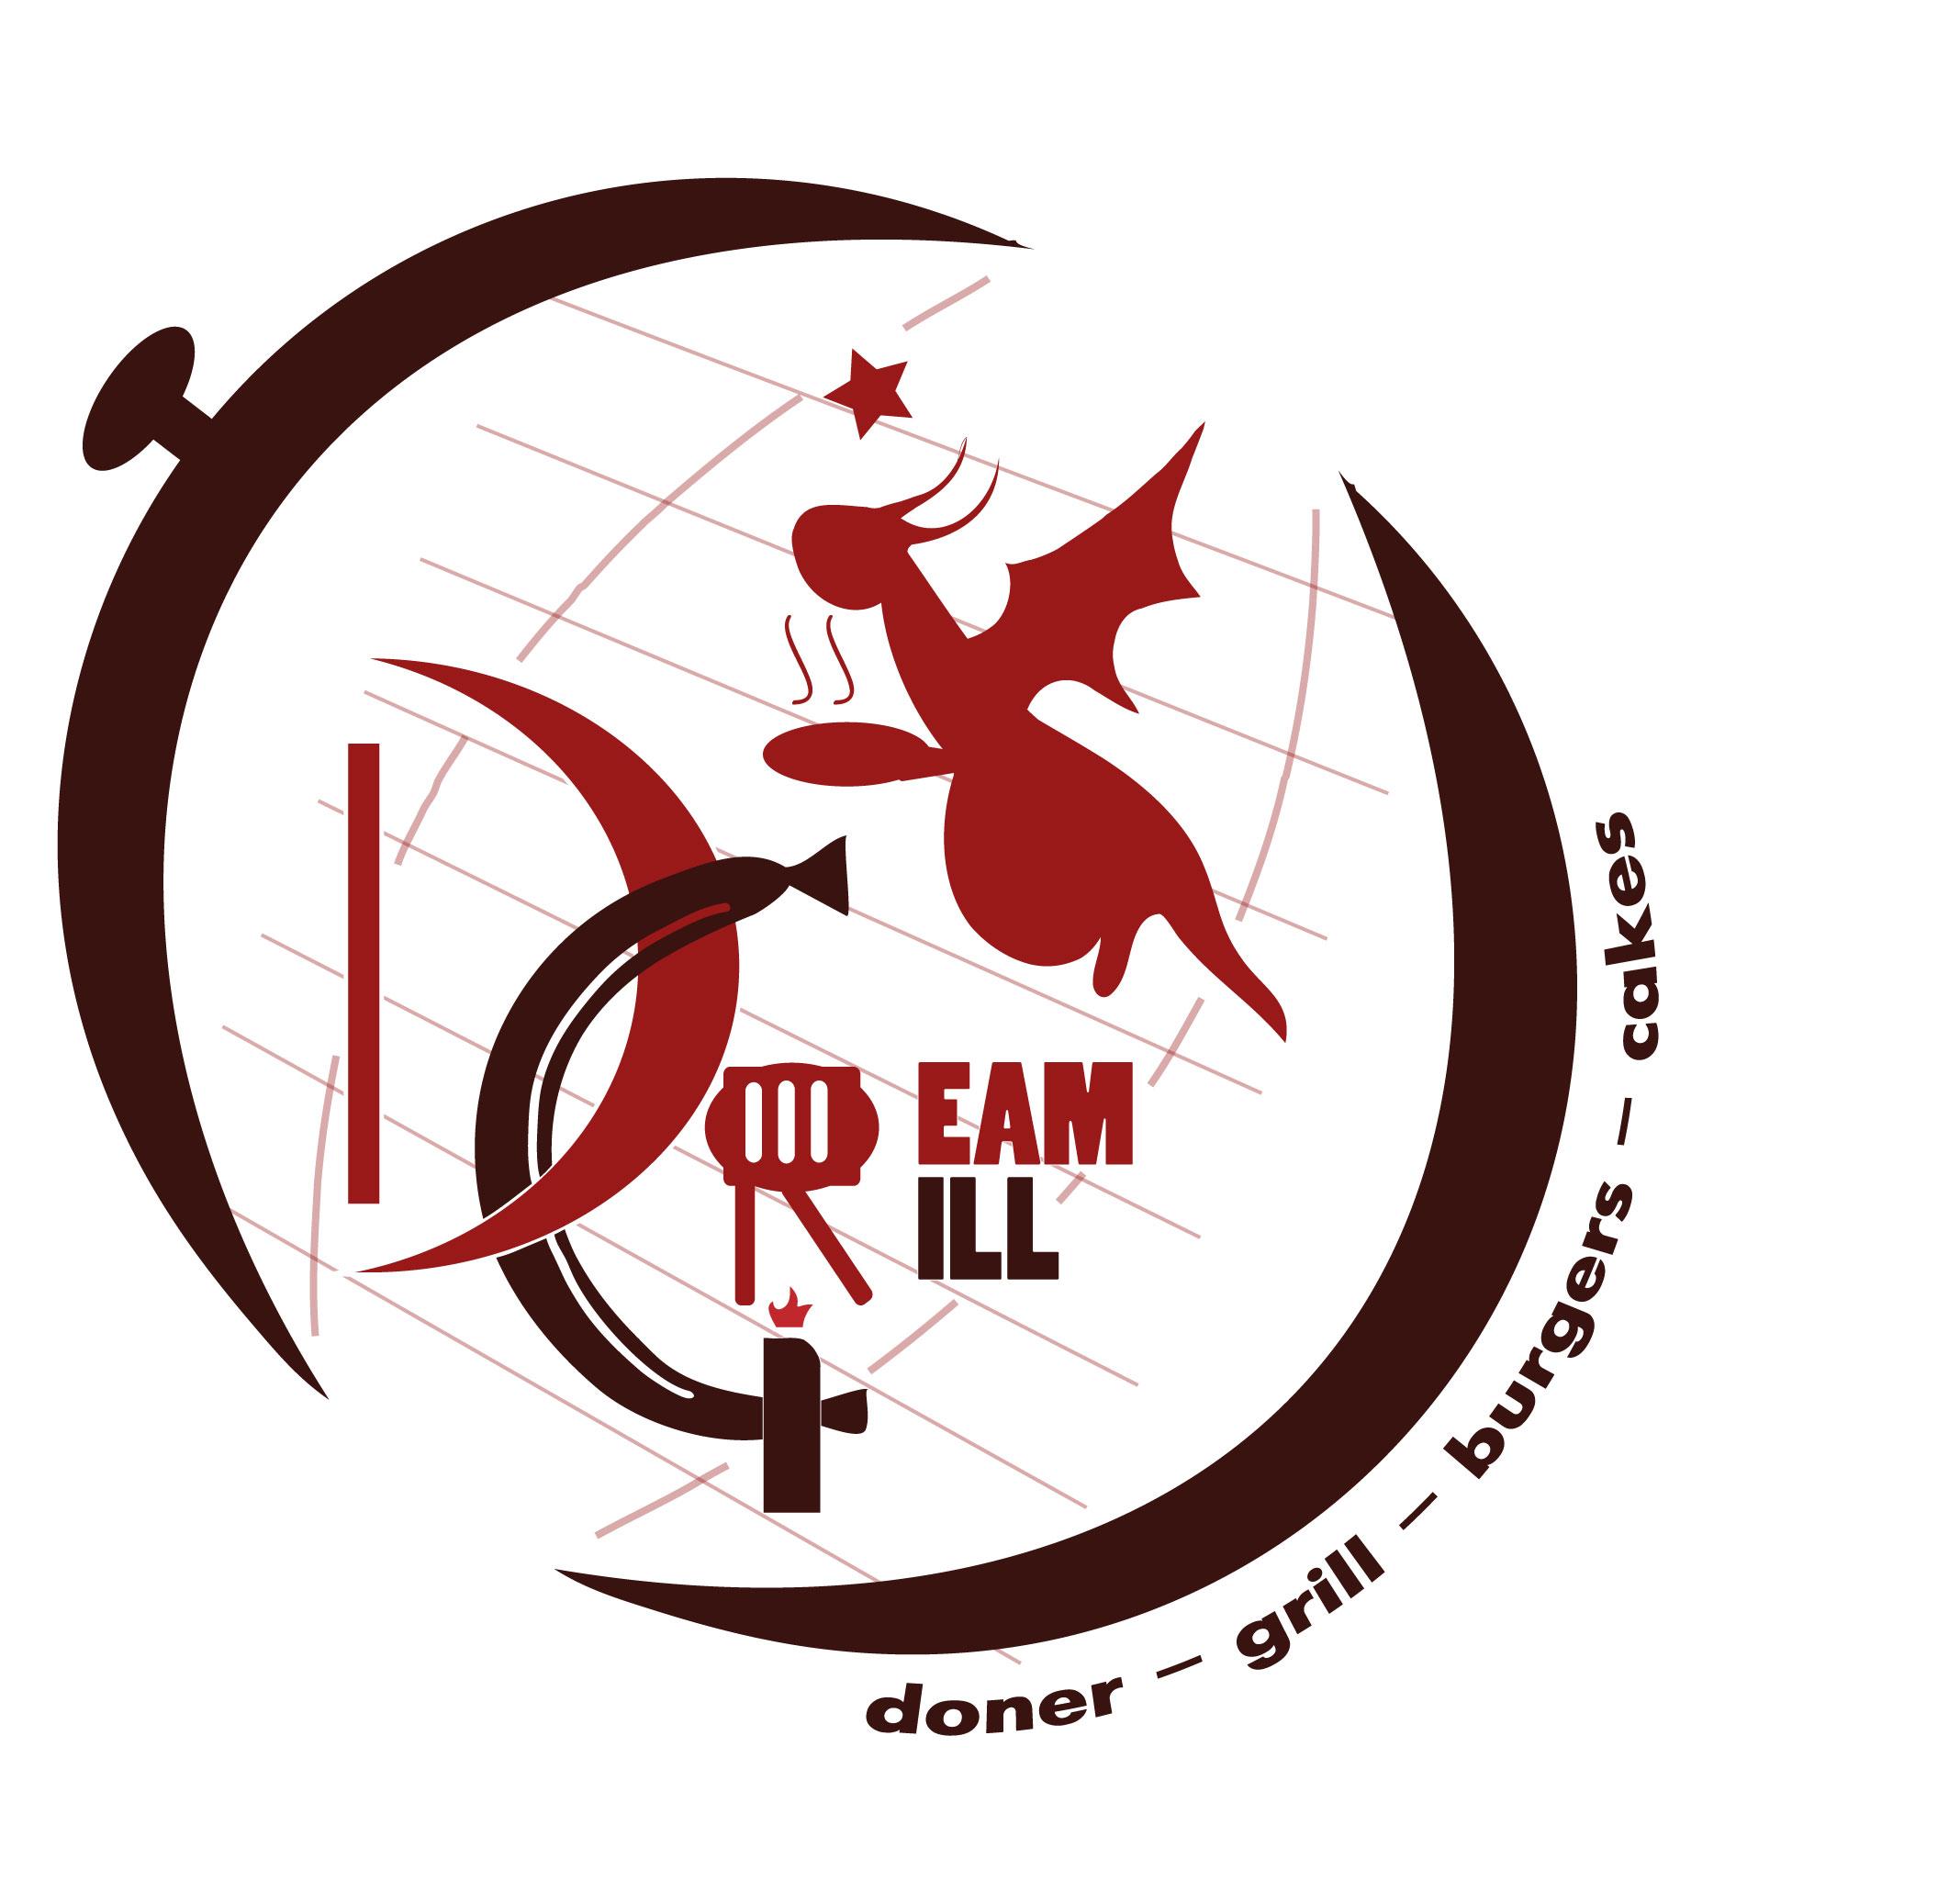 Разработка логотипа для фастфуда фото f_4645554dcc83878d.jpg